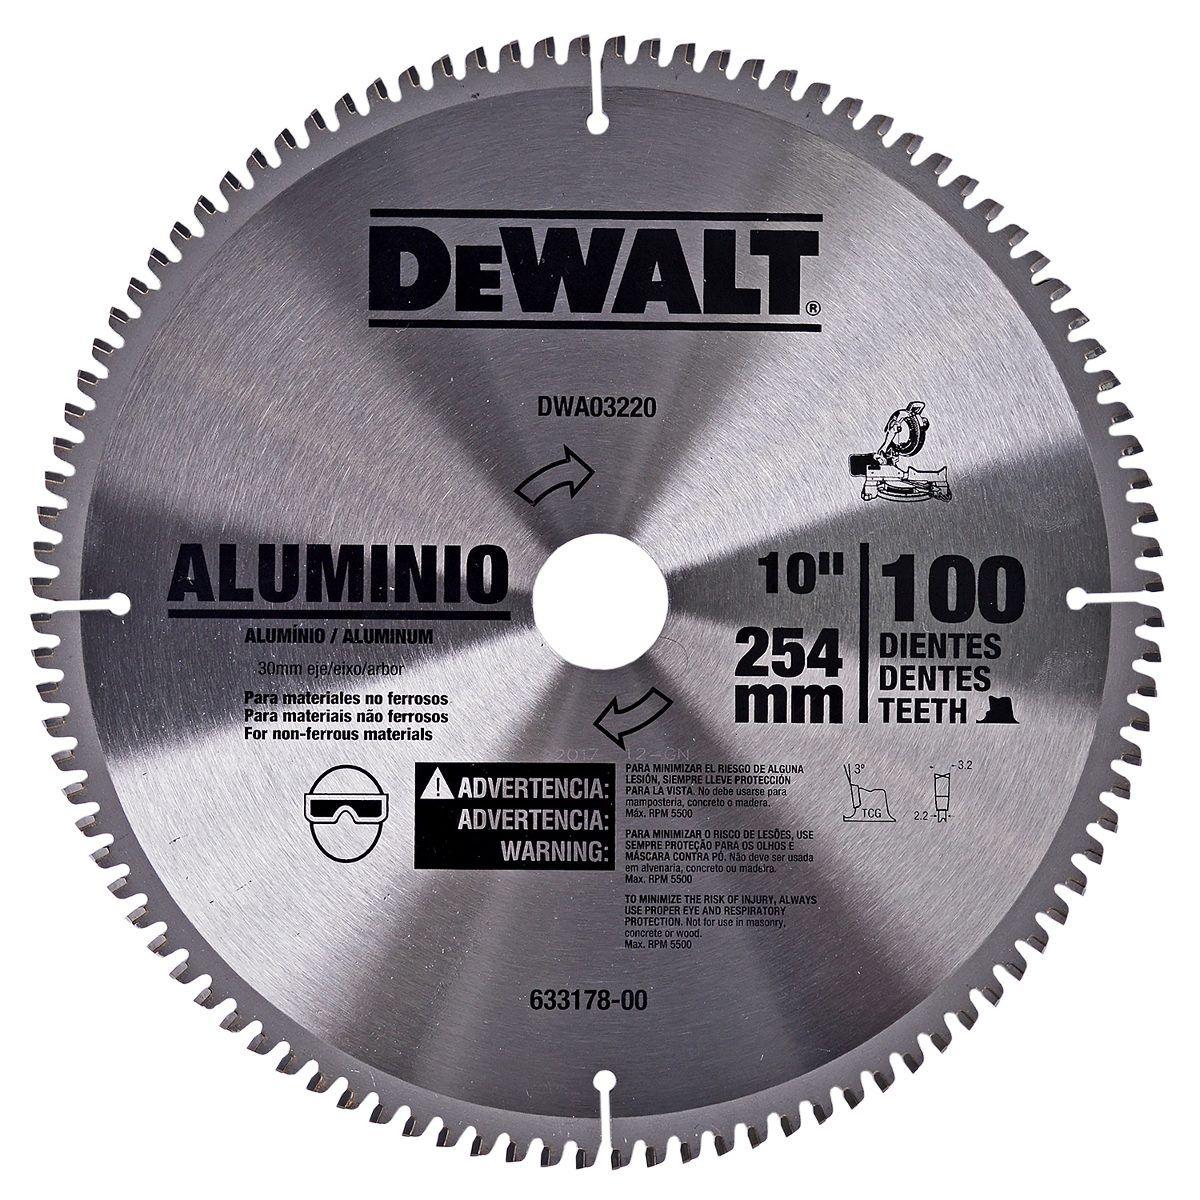 LAMINA SERRA ESQ.10 100 DENTES ALUMINIO DEWALT - DWA03220